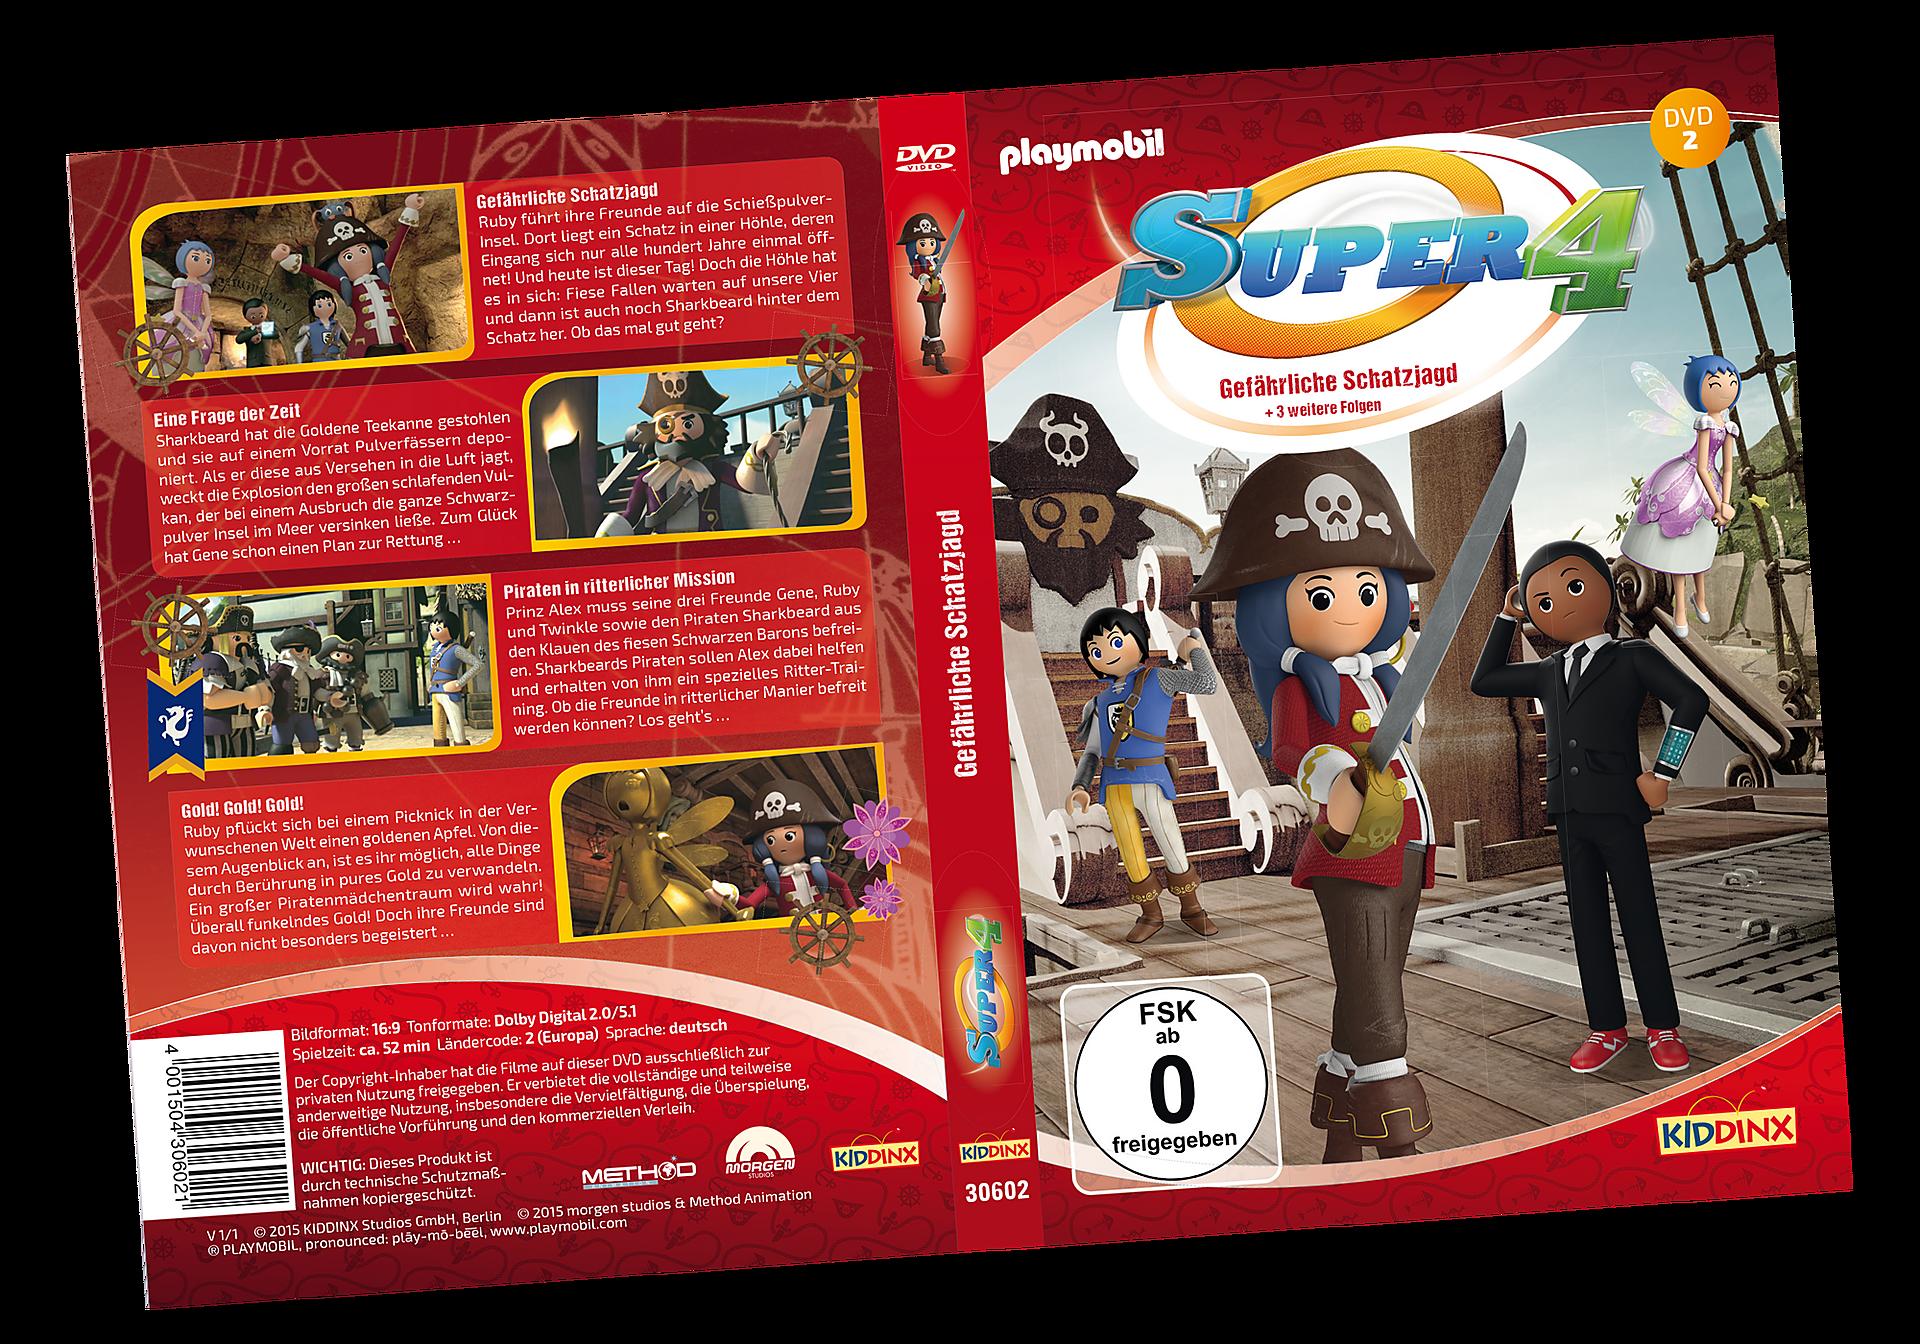 80477 DVD 2 Super4: Gefährliche Schatzjagd zoom image1